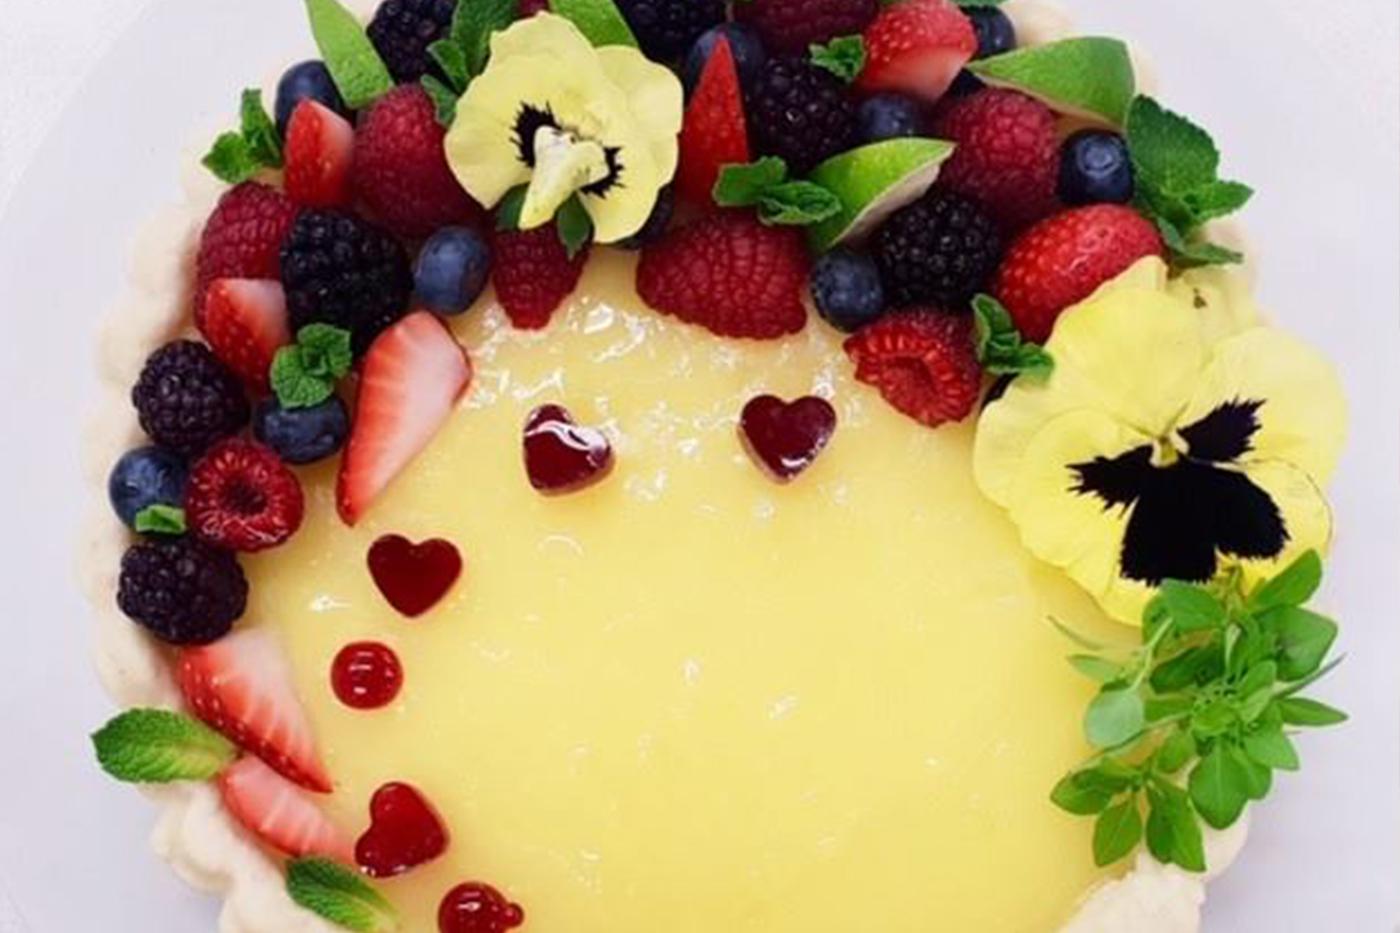 Фото tort ukrashennyj fruktami 38.